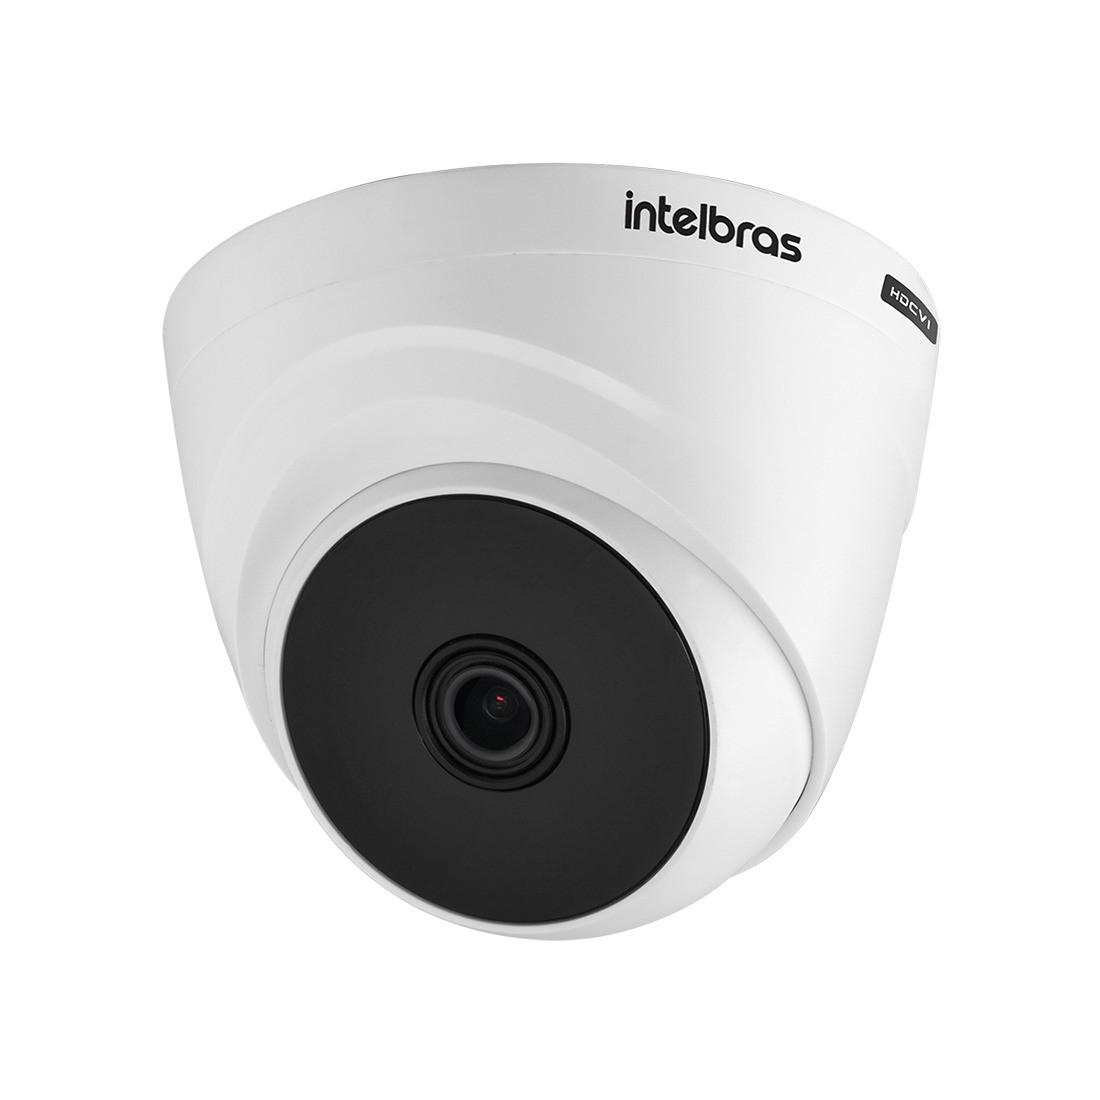 Kit 2 Câmeras de Segurança Dome Intelbras HD VHL 1120 D